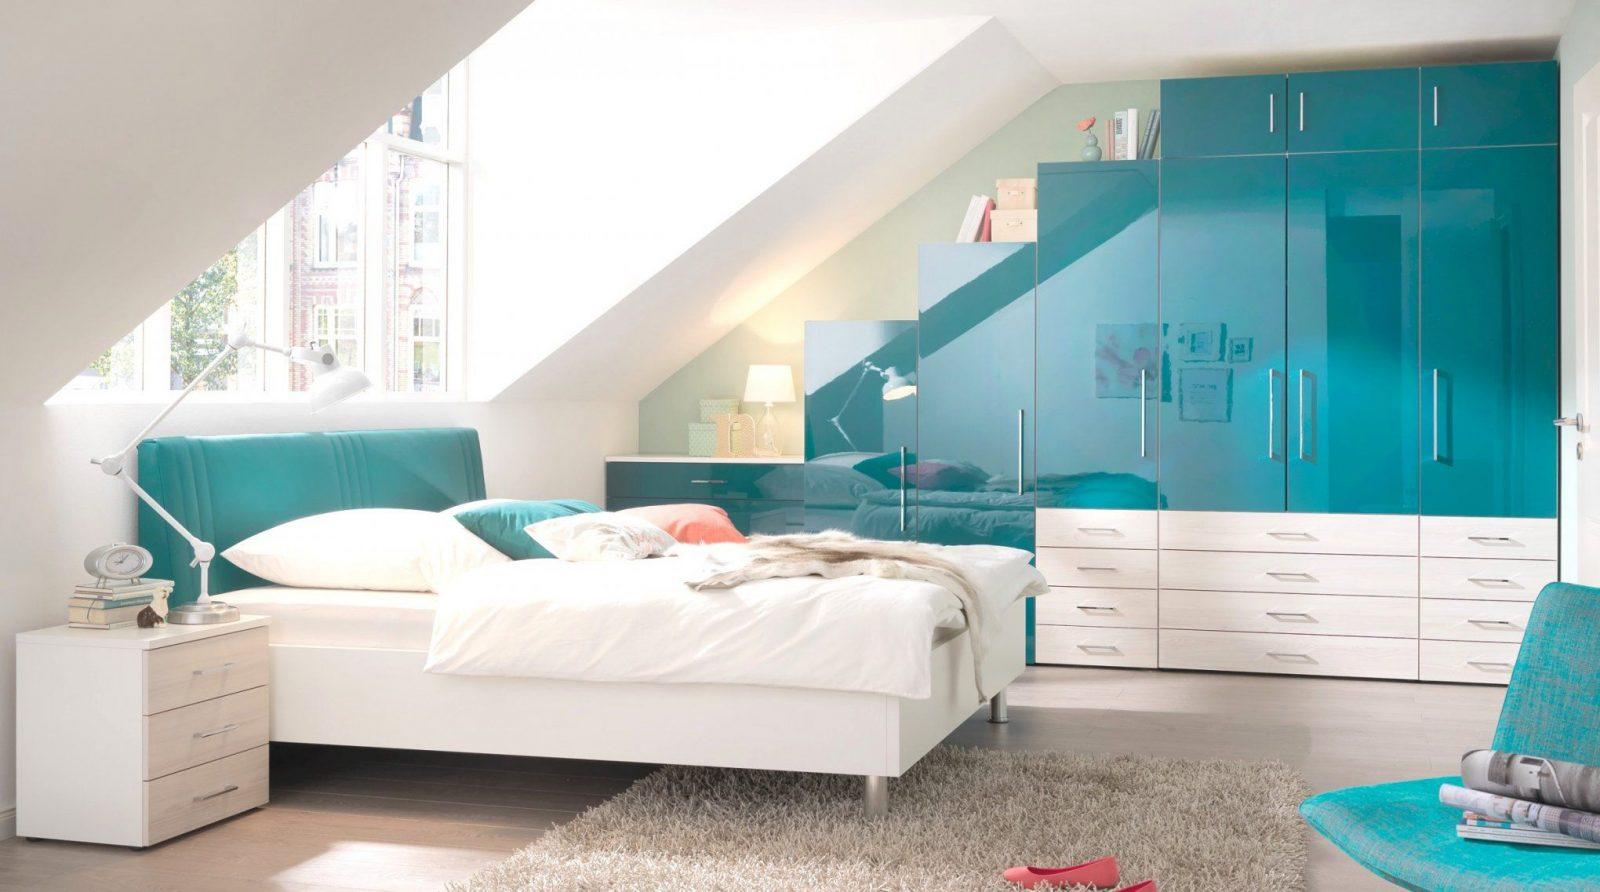 Hervorragend ... Nett Schlafzimmer Mit Dachschrägen Gestalten Kpelavrio Von Schlafzimmer  Gestalten Mit Dachschräge Photo ...